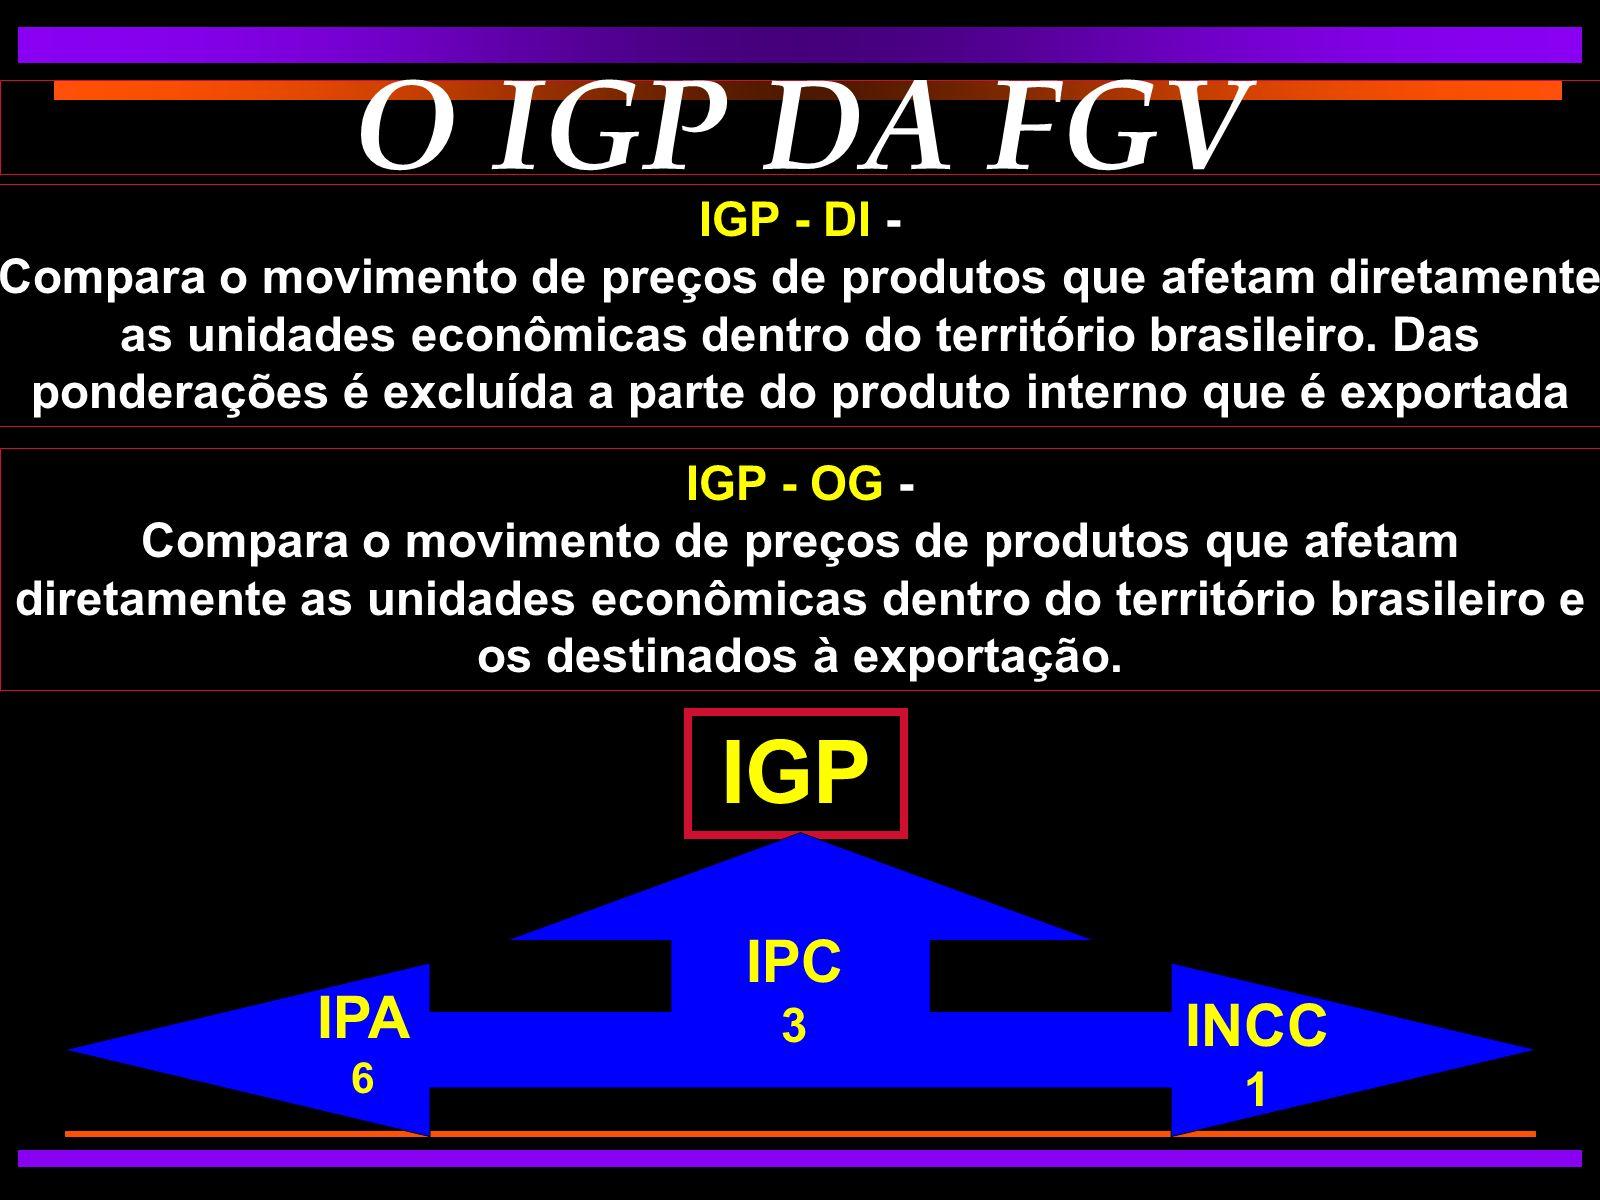 O IGP DA FGV IGP - DI - Compara o movimento de preços de produtos que afetam diretamente as unidades econômicas dentro do território brasileiro.